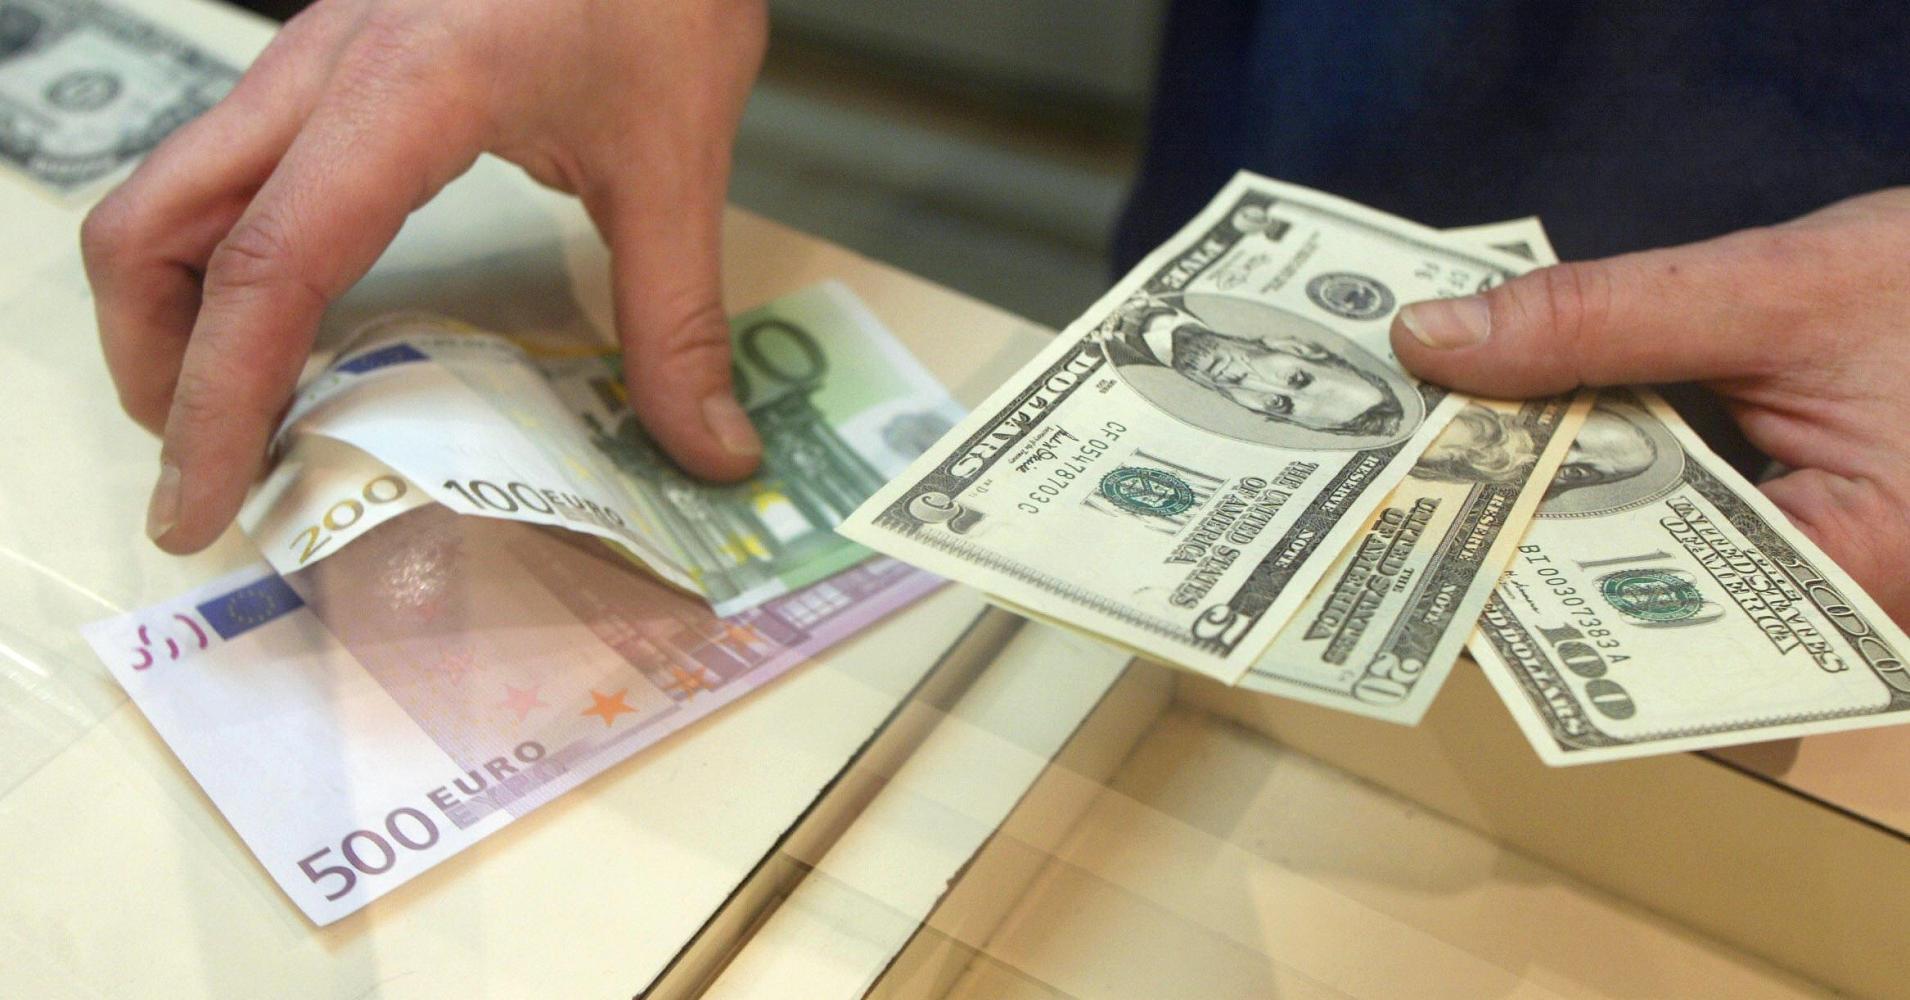 قیمت دلار و یورو در بازار امروز سه شنبه ۱۴ مرداد ۹۹/ بازار آزاد آرامتر شده است/ افزایش نسبی نرخ دلار در این صرافیها